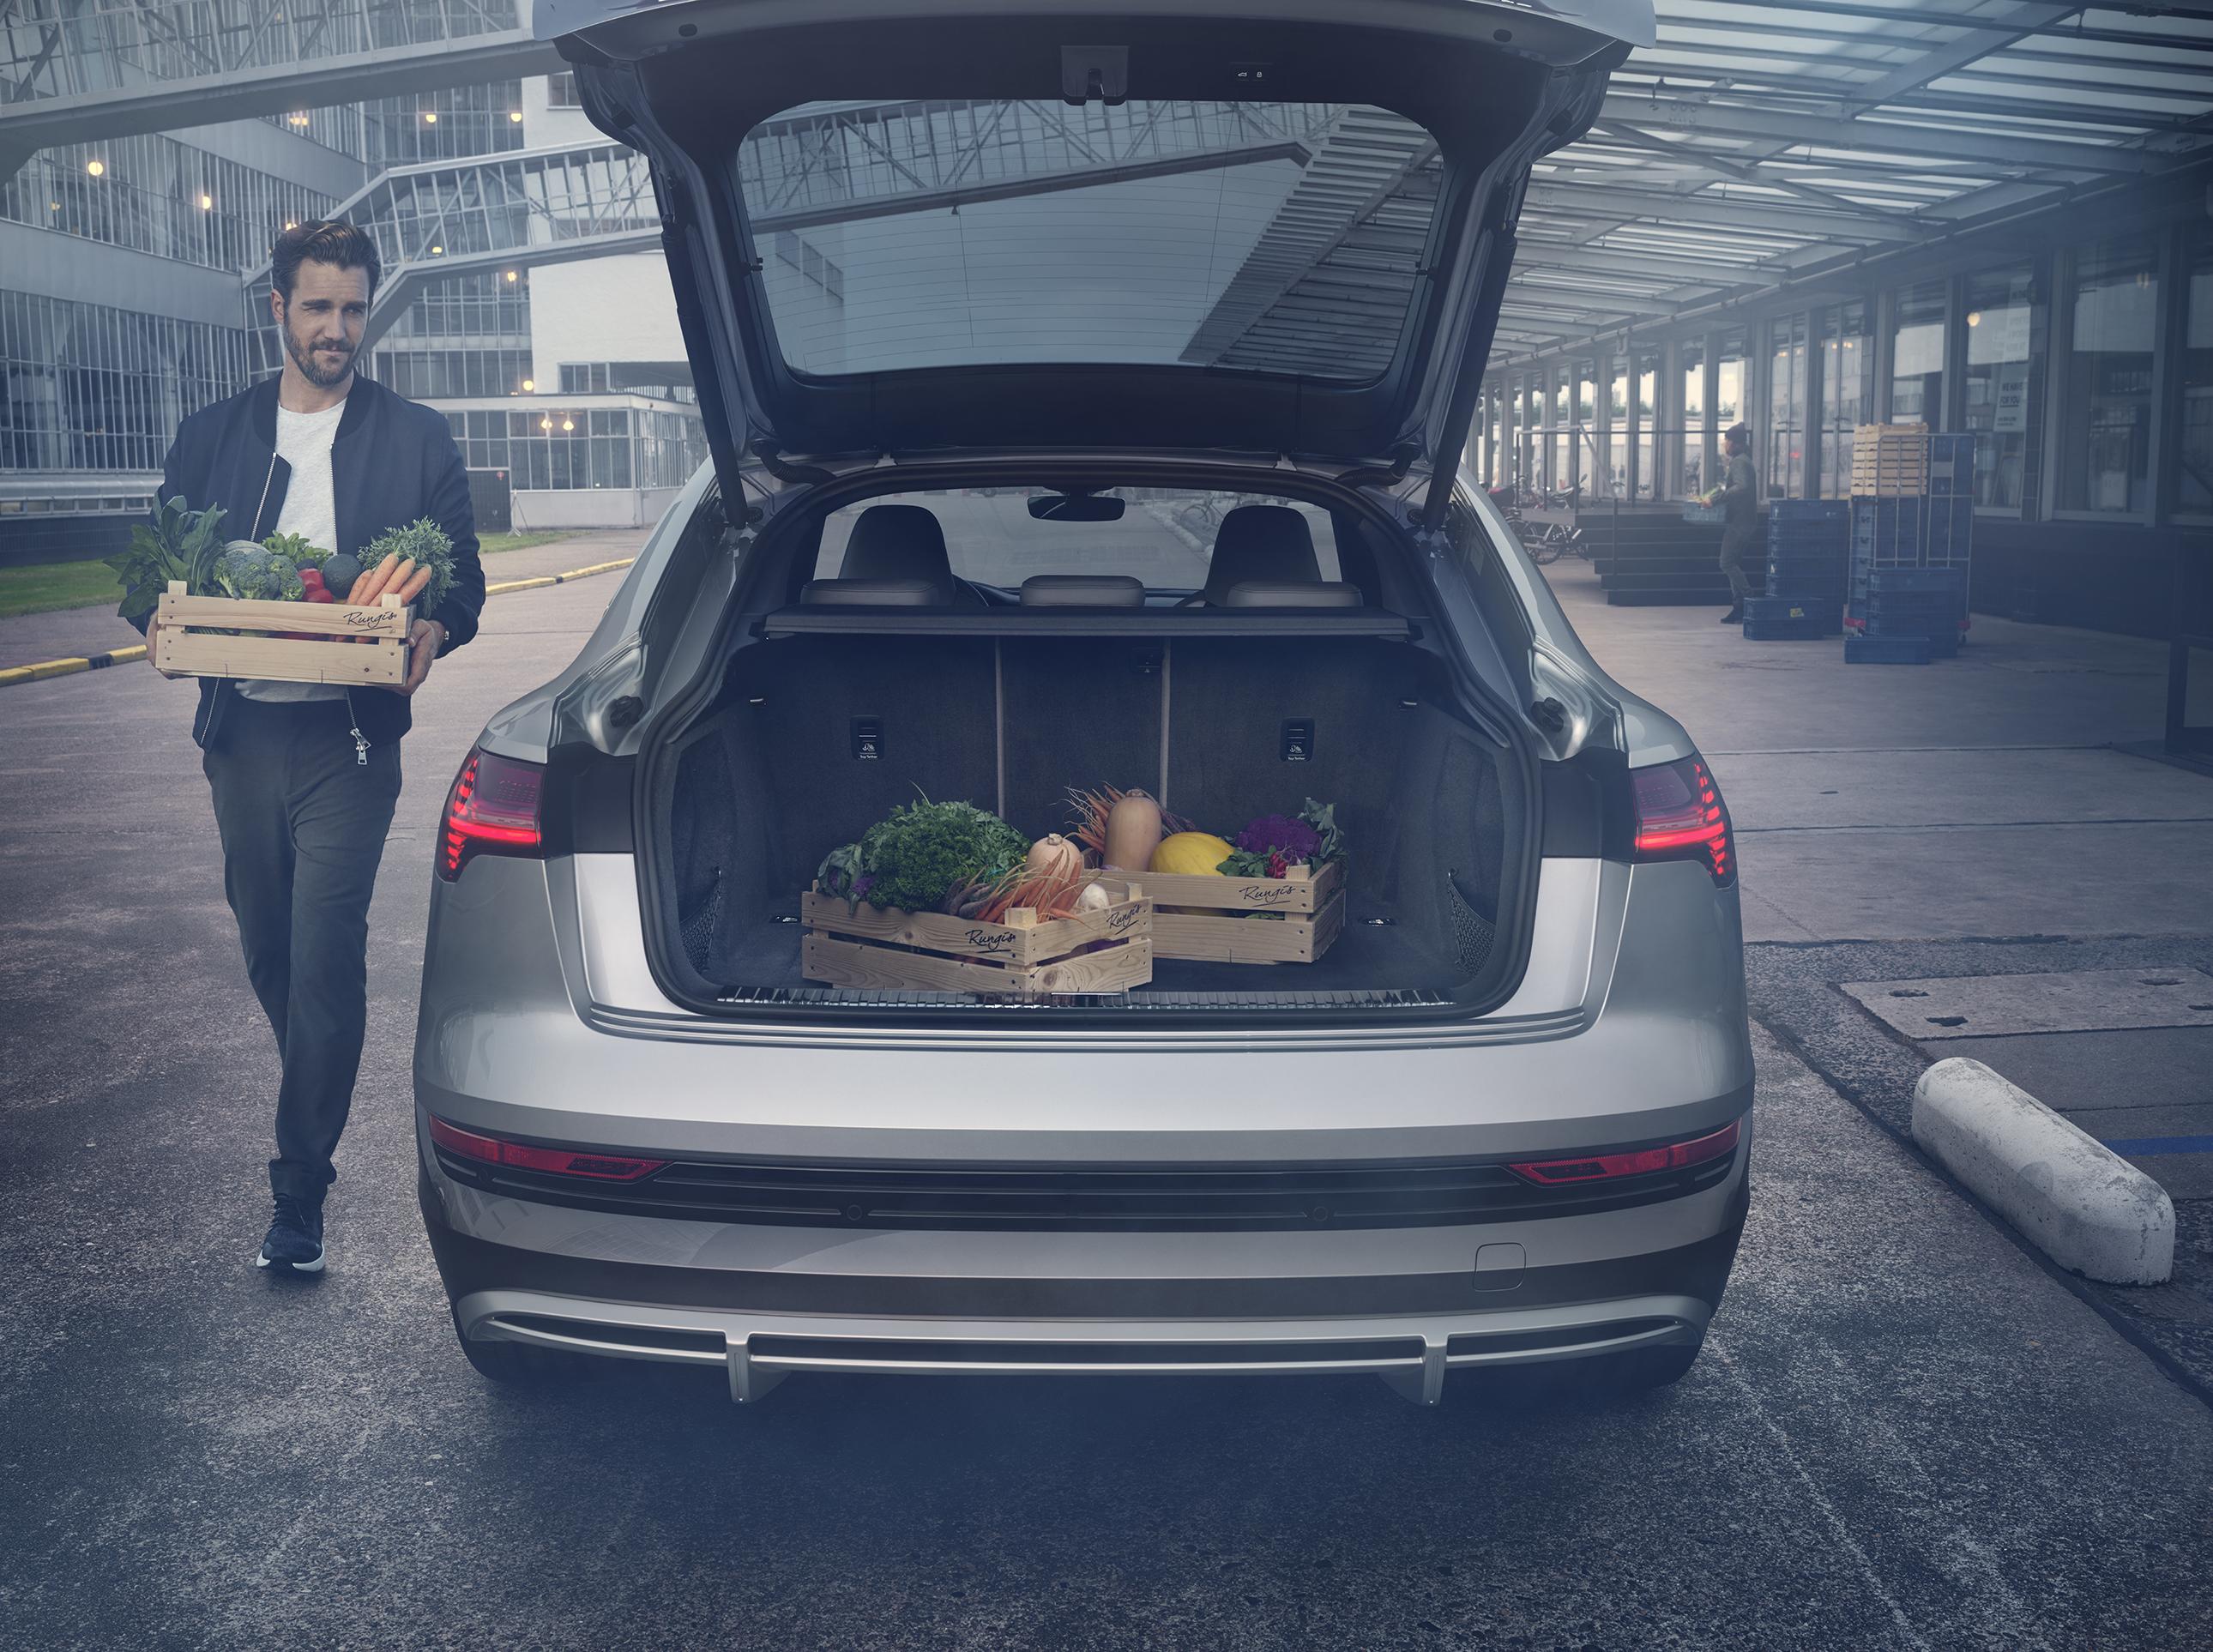 Audi e-tron sportback z odprtim prtljažnikom, v katerega moški nalaga zaboje zelenjave. Slikano v mestu